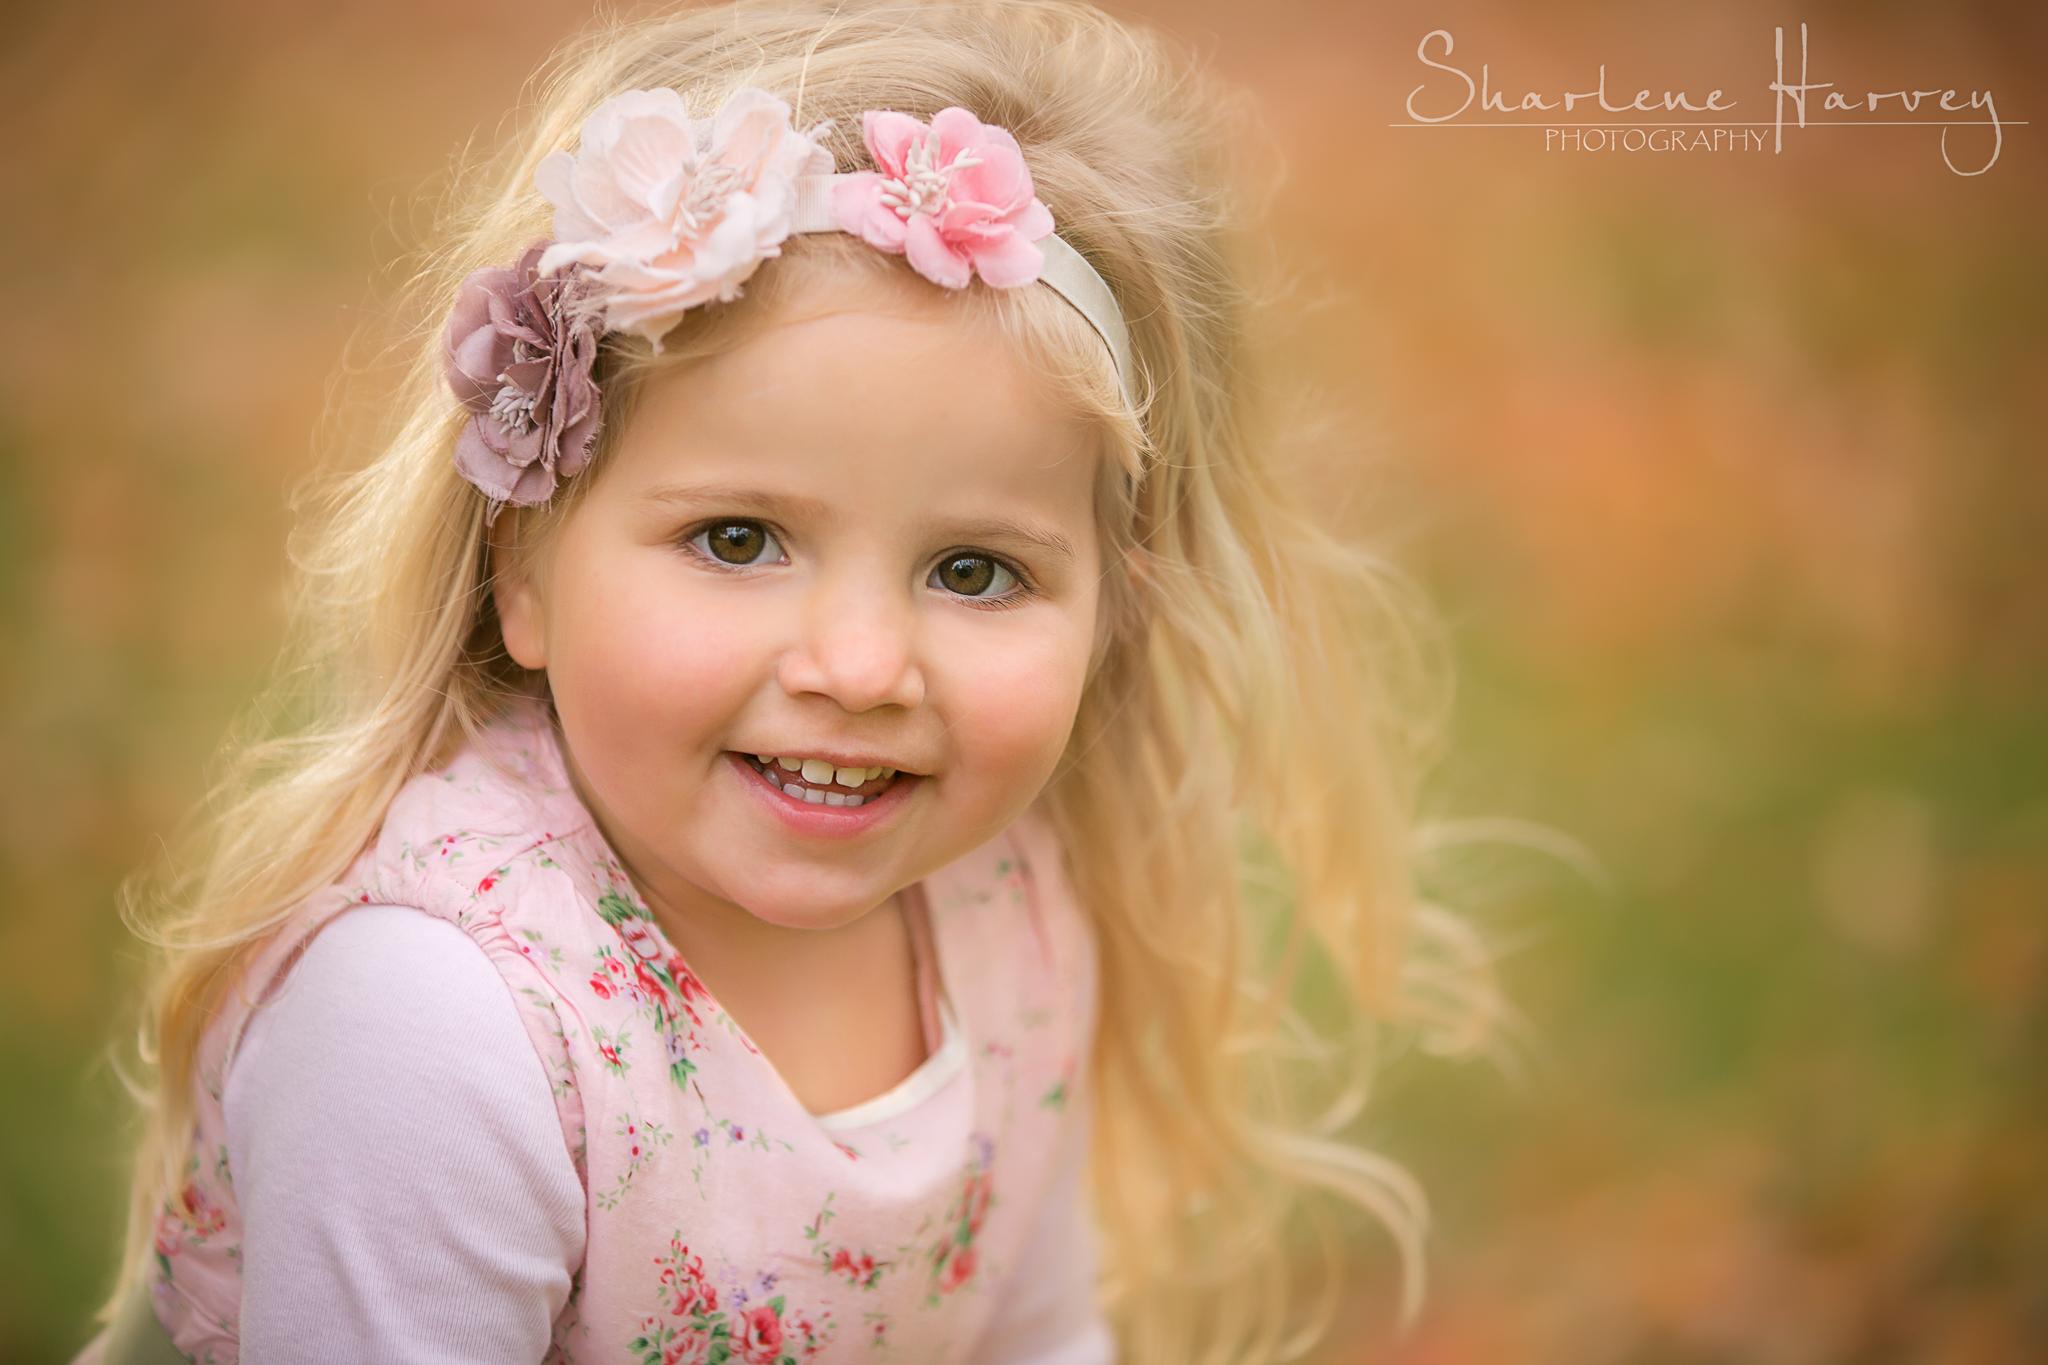 Sharlene Harvey Photography - Child Photographer on the Mornington Peninsula